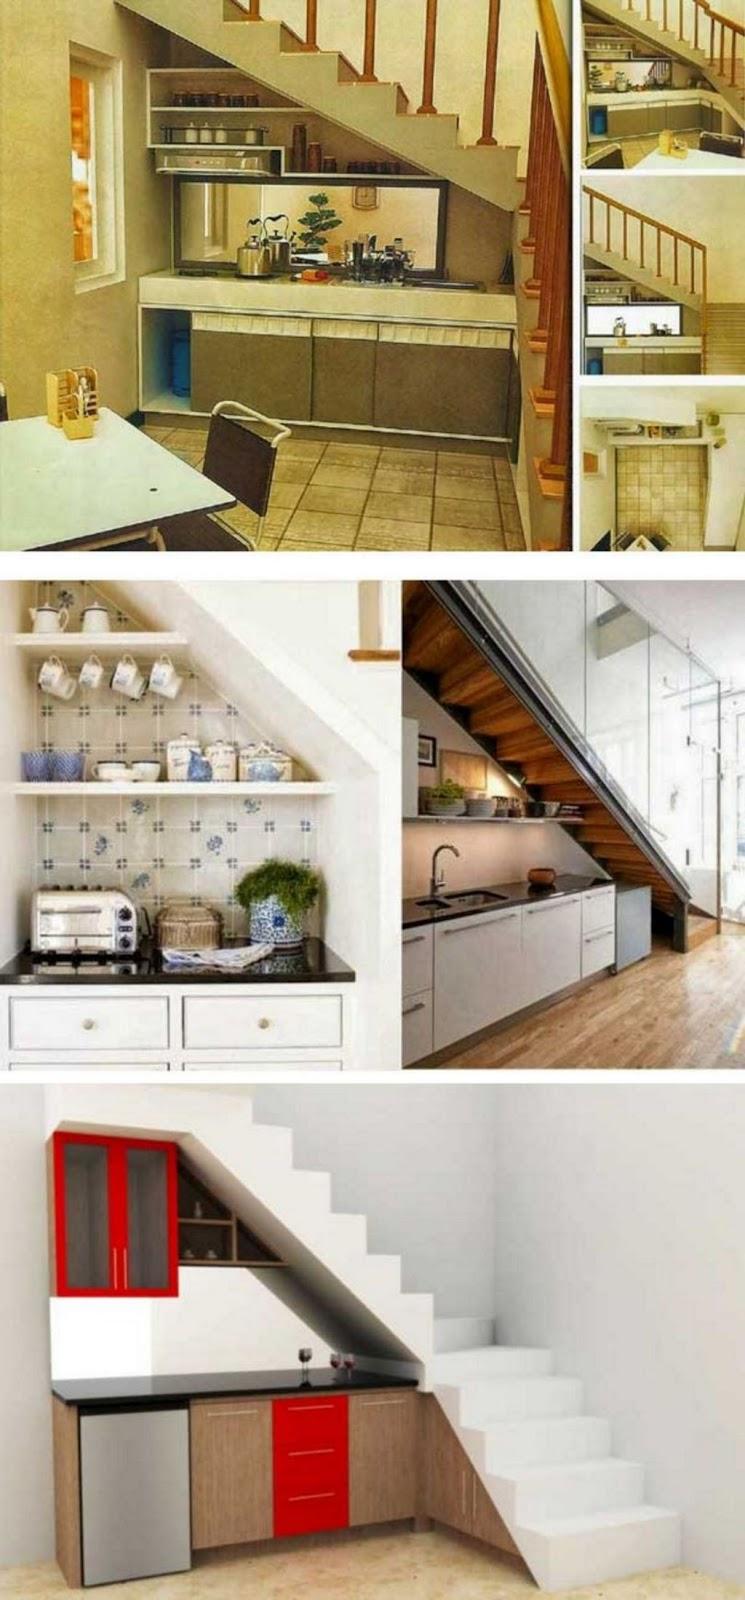 ide interior desain kumpulan dapur bawah tangga terbaru